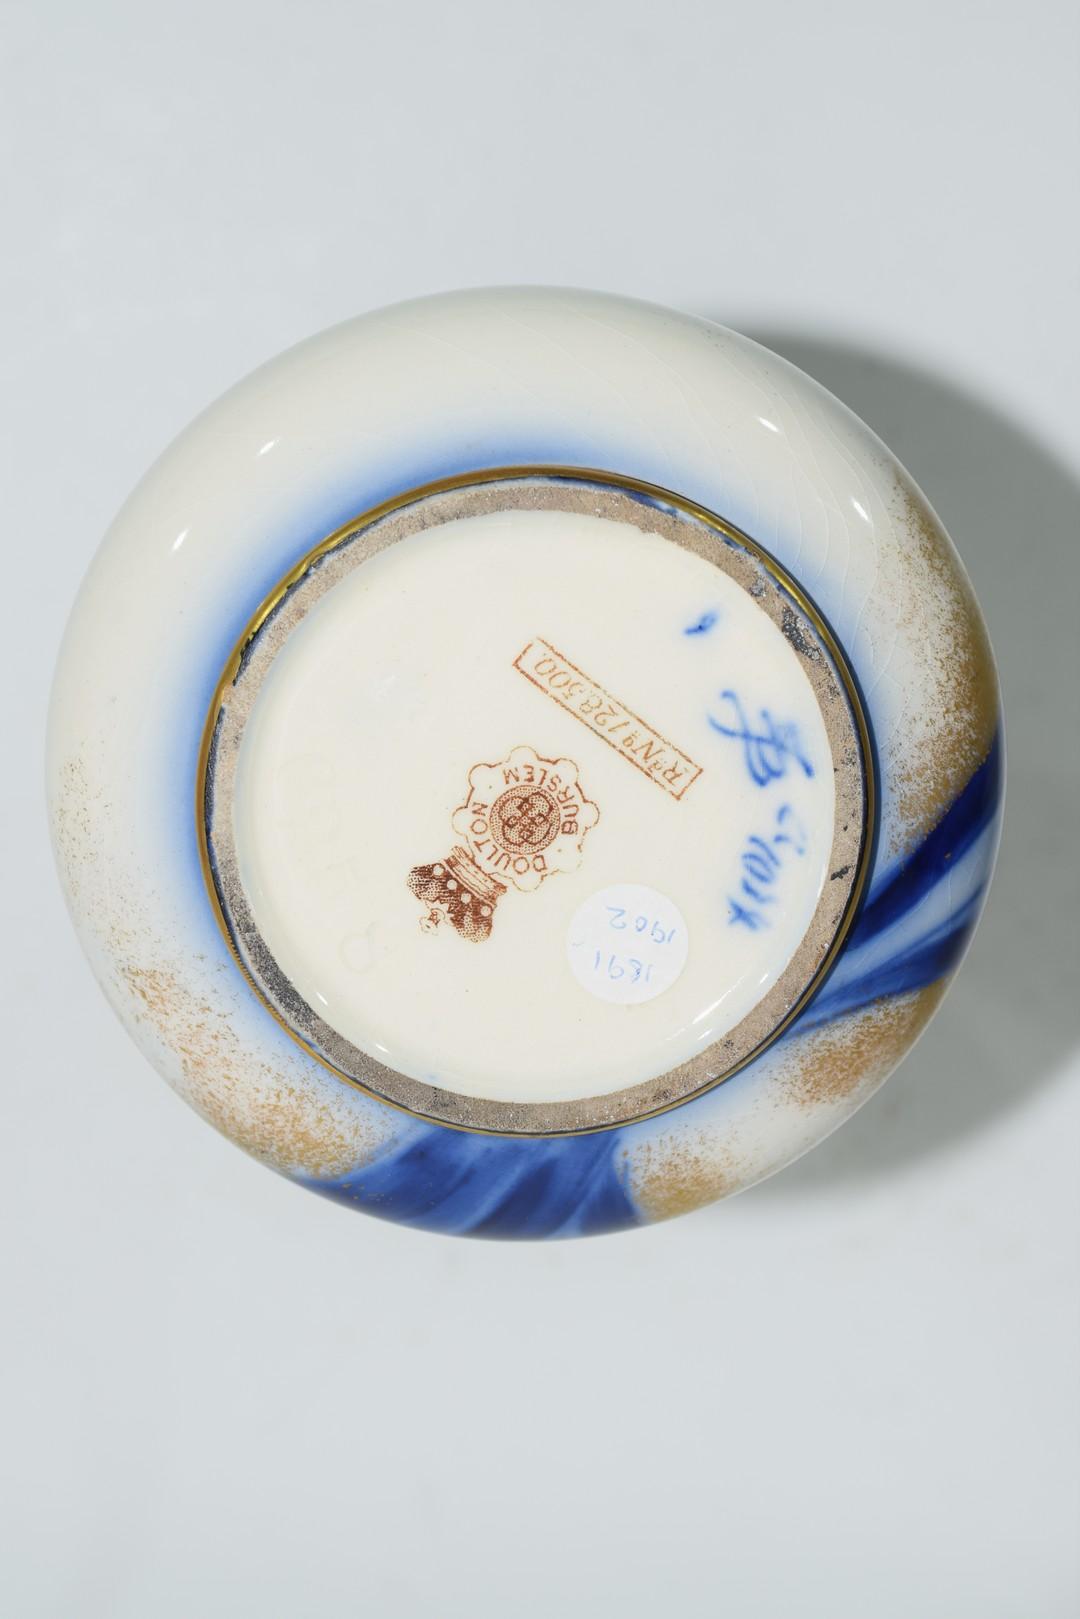 Late 19th century Doulton Burslem ware vase - Image 6 of 6